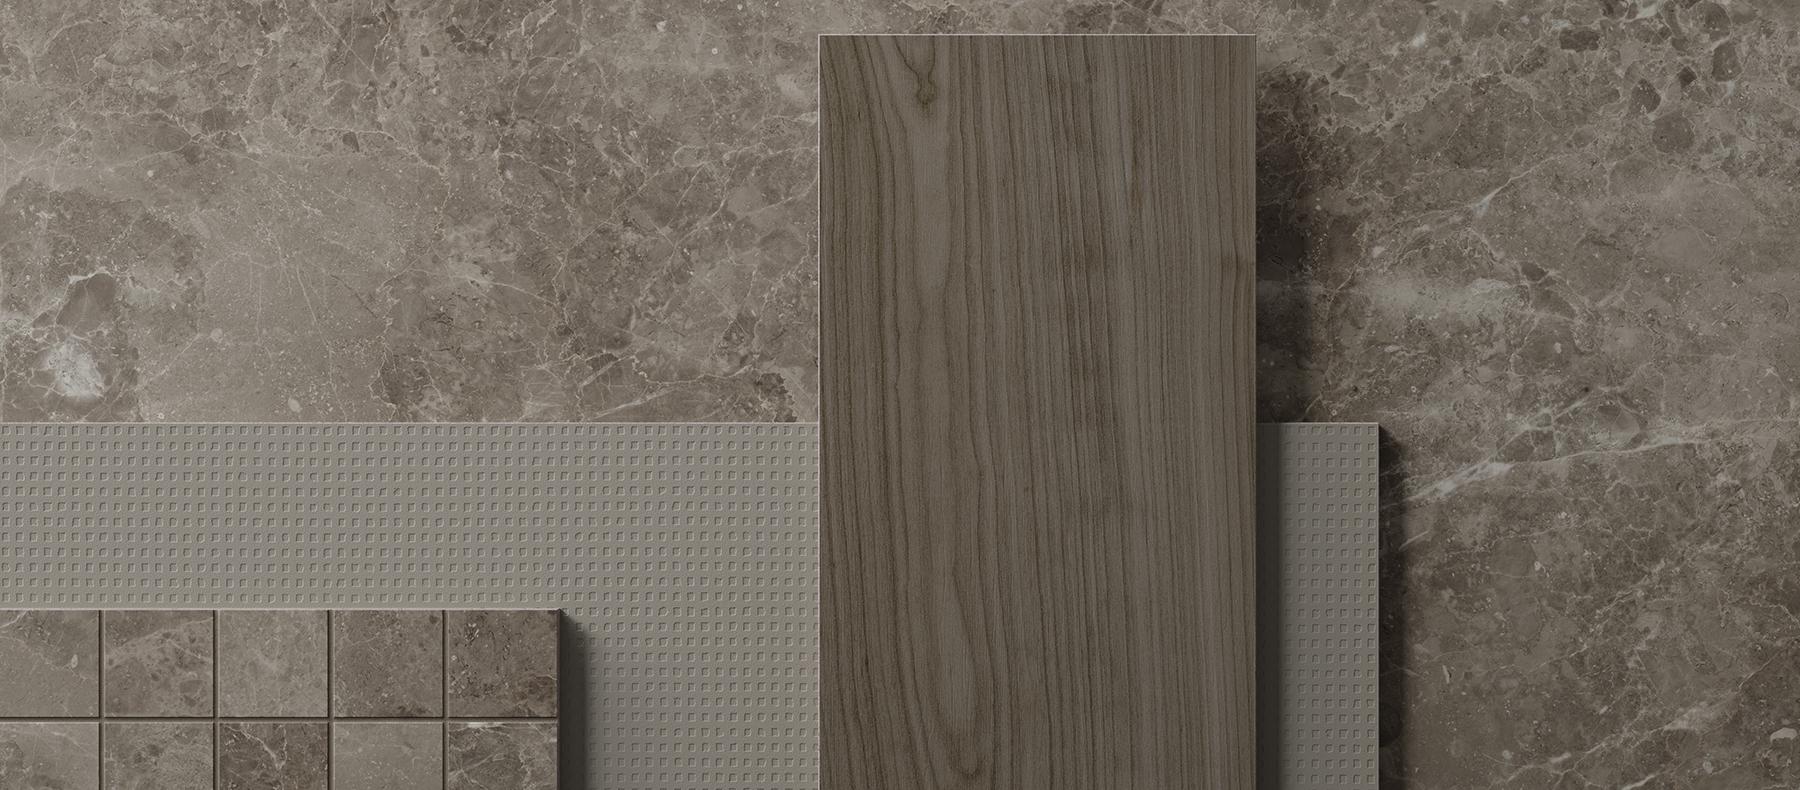 коллекция рум керамогранит под камень италон плитка под дерево настенная плитка под текстиль